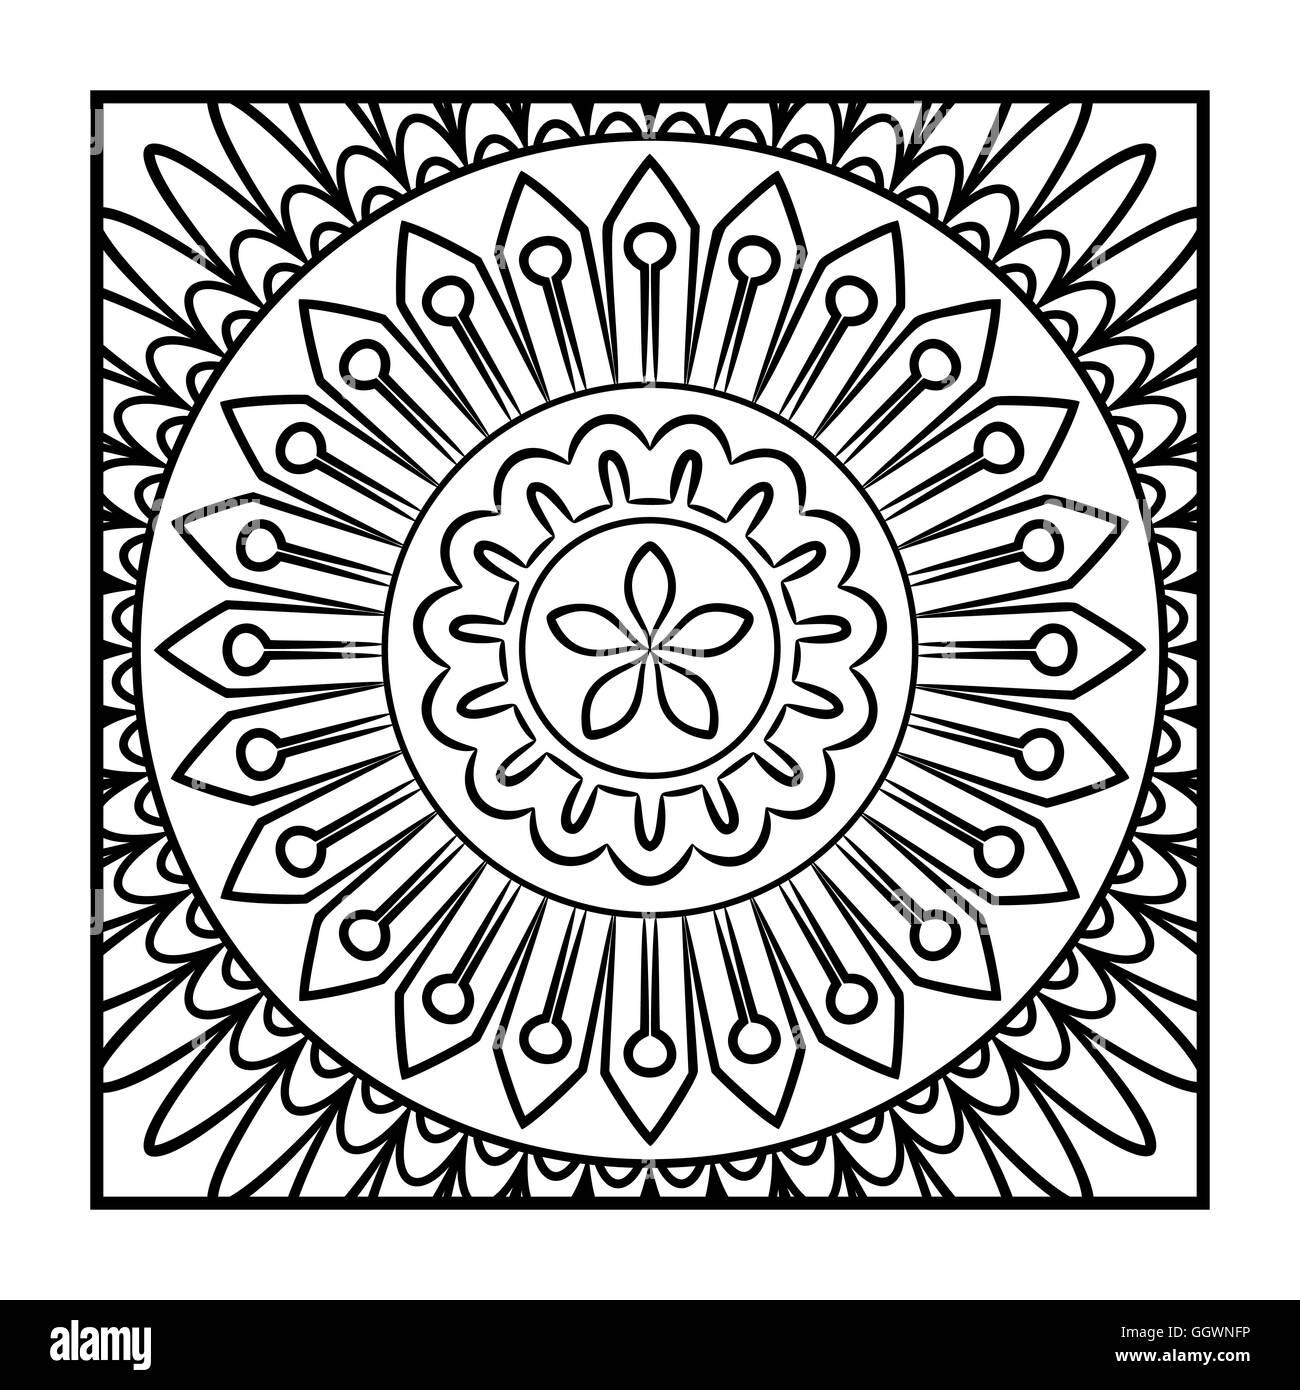 Tolle Erweiterte Mandala Malvorlagen Galerie - Malvorlagen Ideen ...